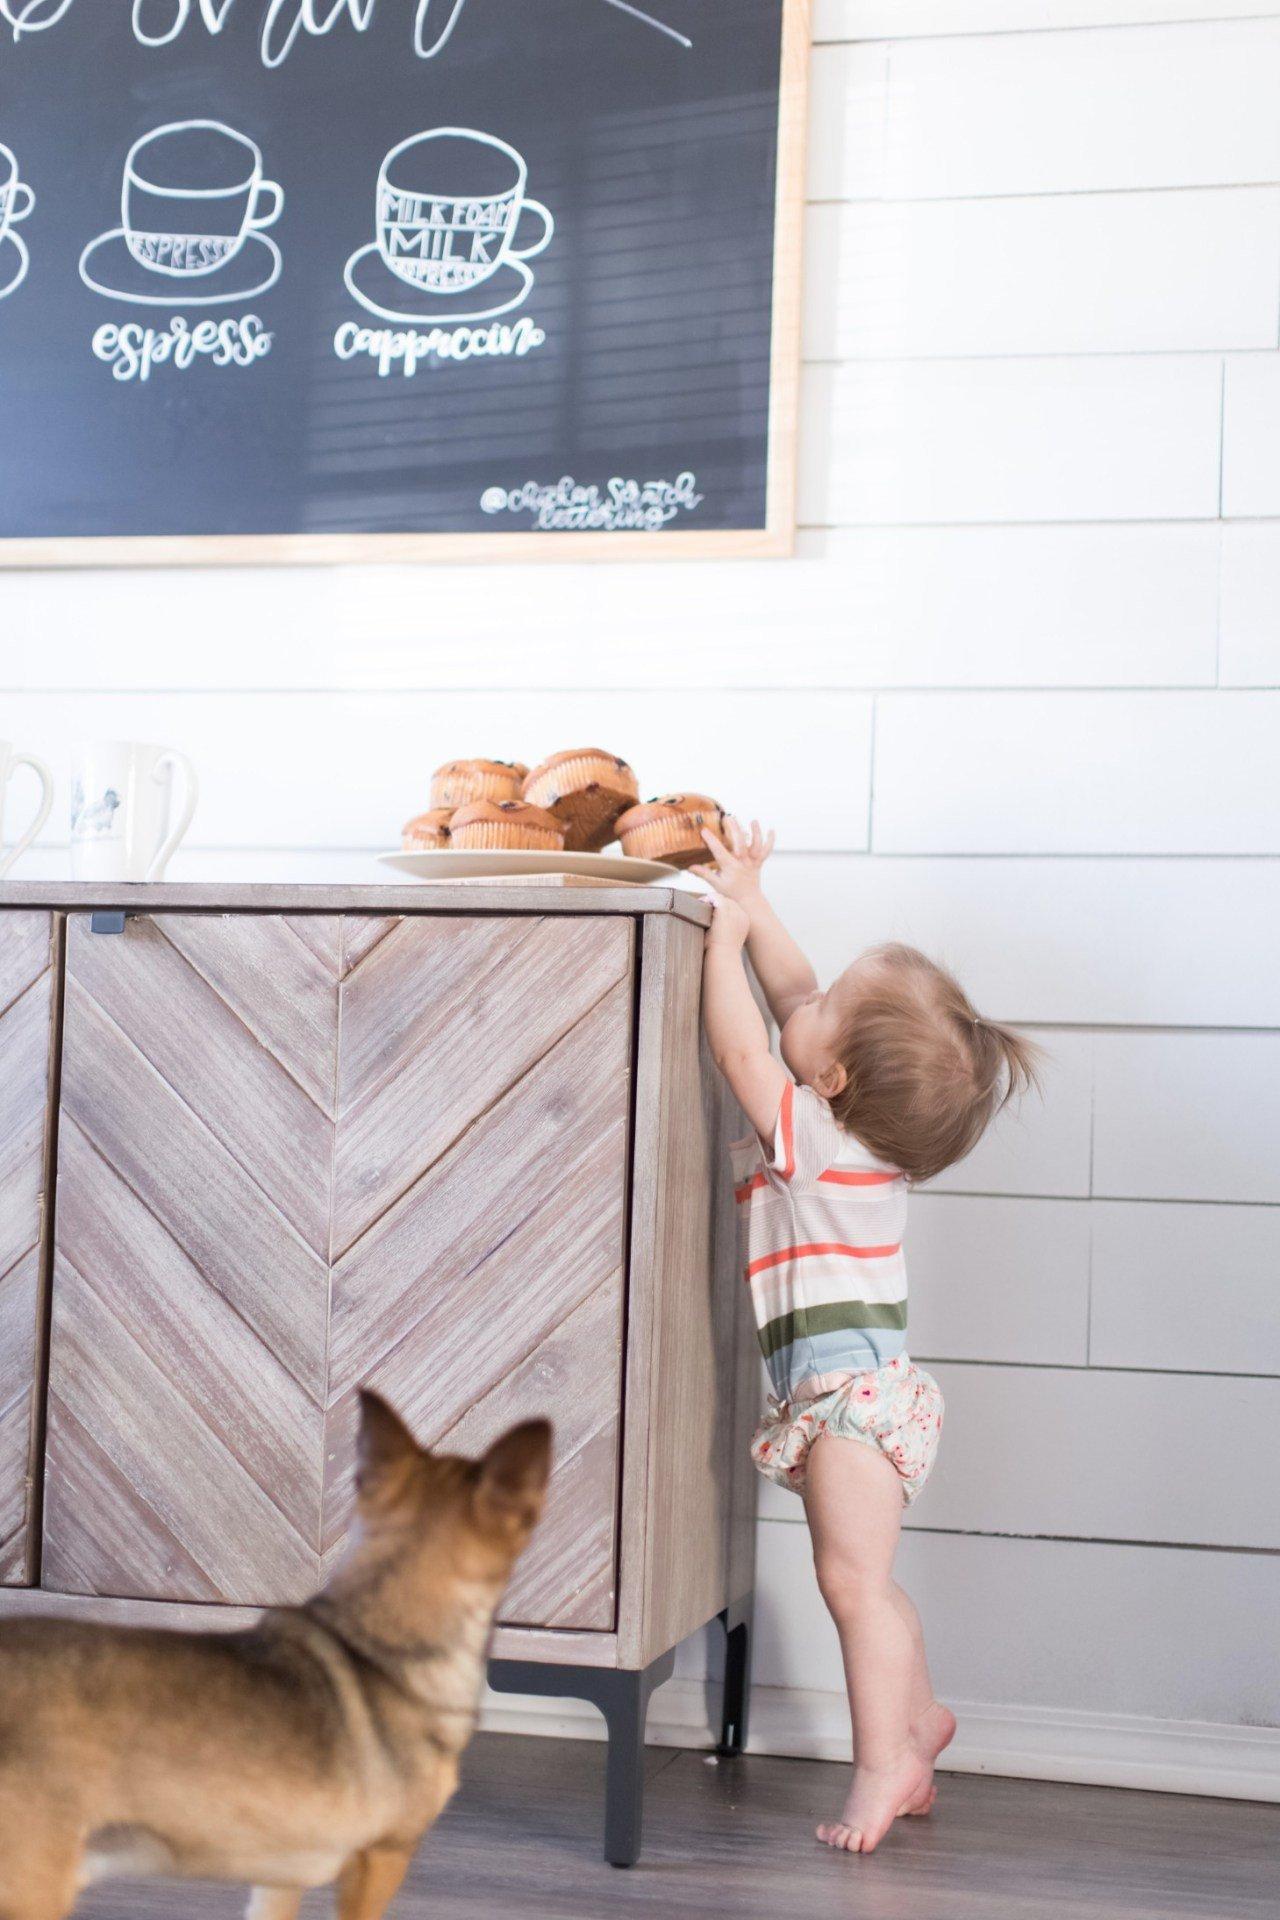 DIY-Farmhouse-Coffee-Bar-13.jpg